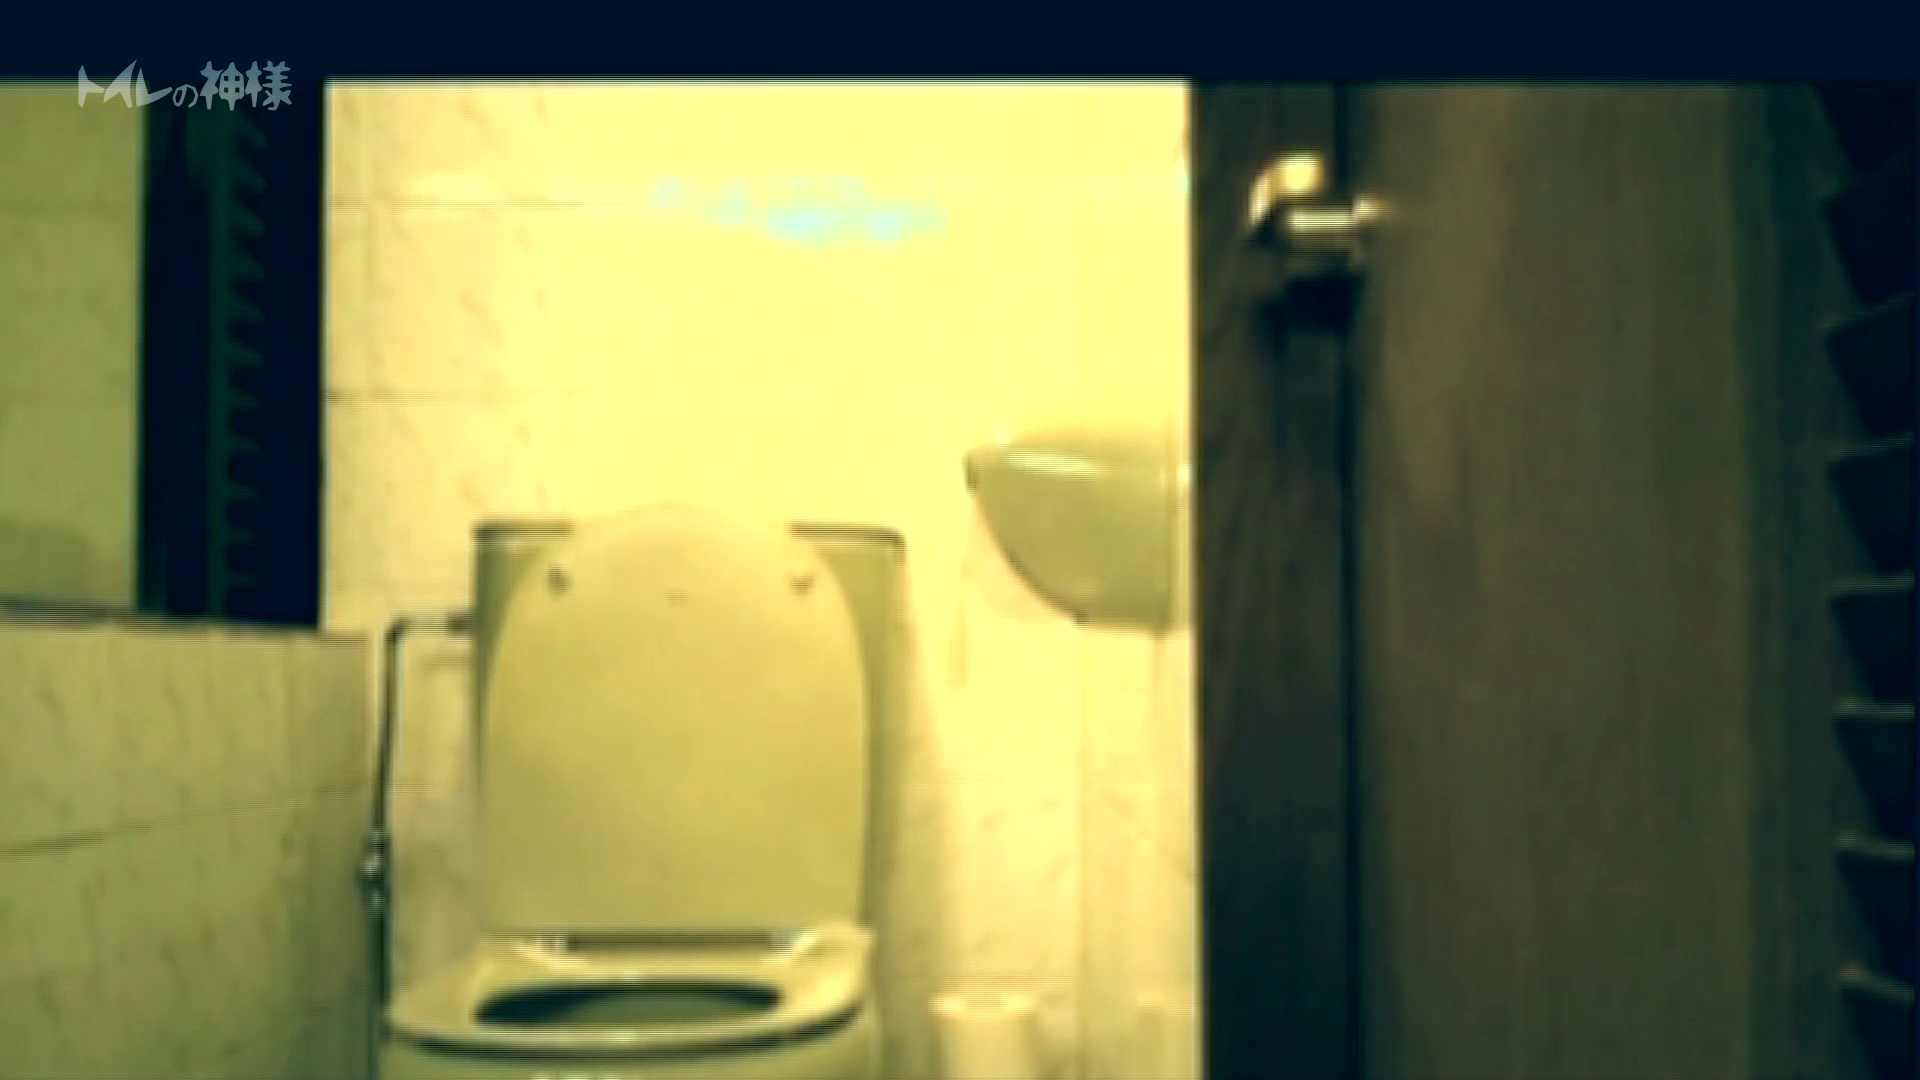 トイレの神様 Vol.01 花の女子大生うんこ盗撮1 OL | うんこ好き  25連発 16